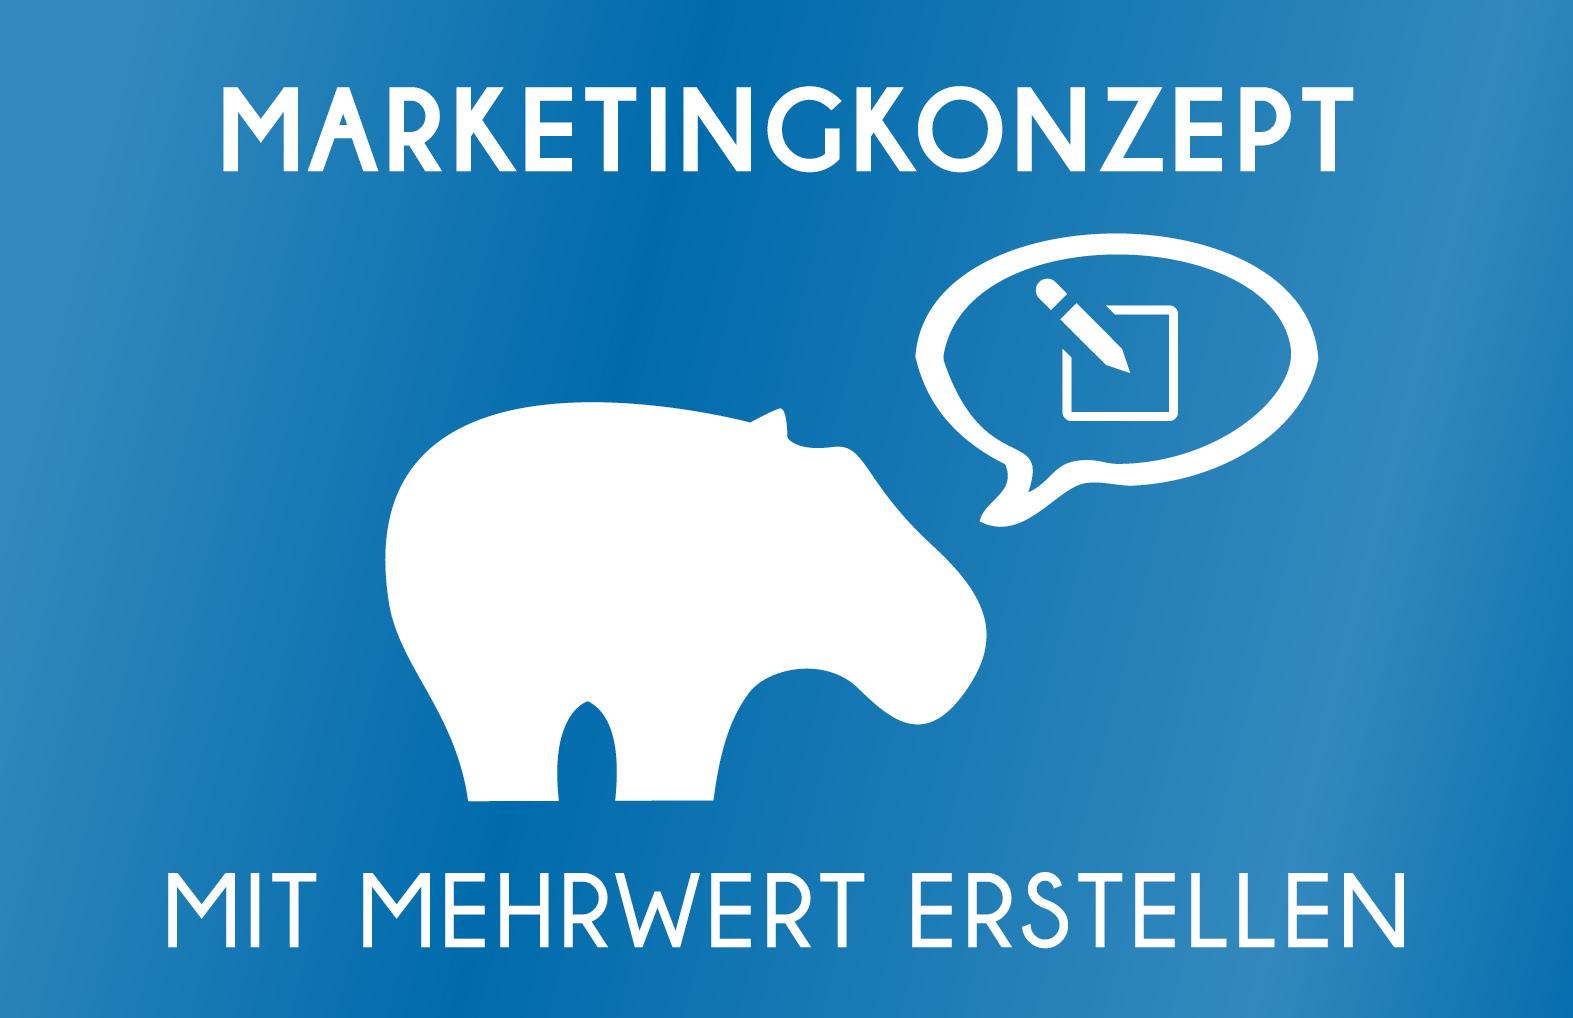 Marketingkonzept mit Mehrwert erstellen - so geht´s